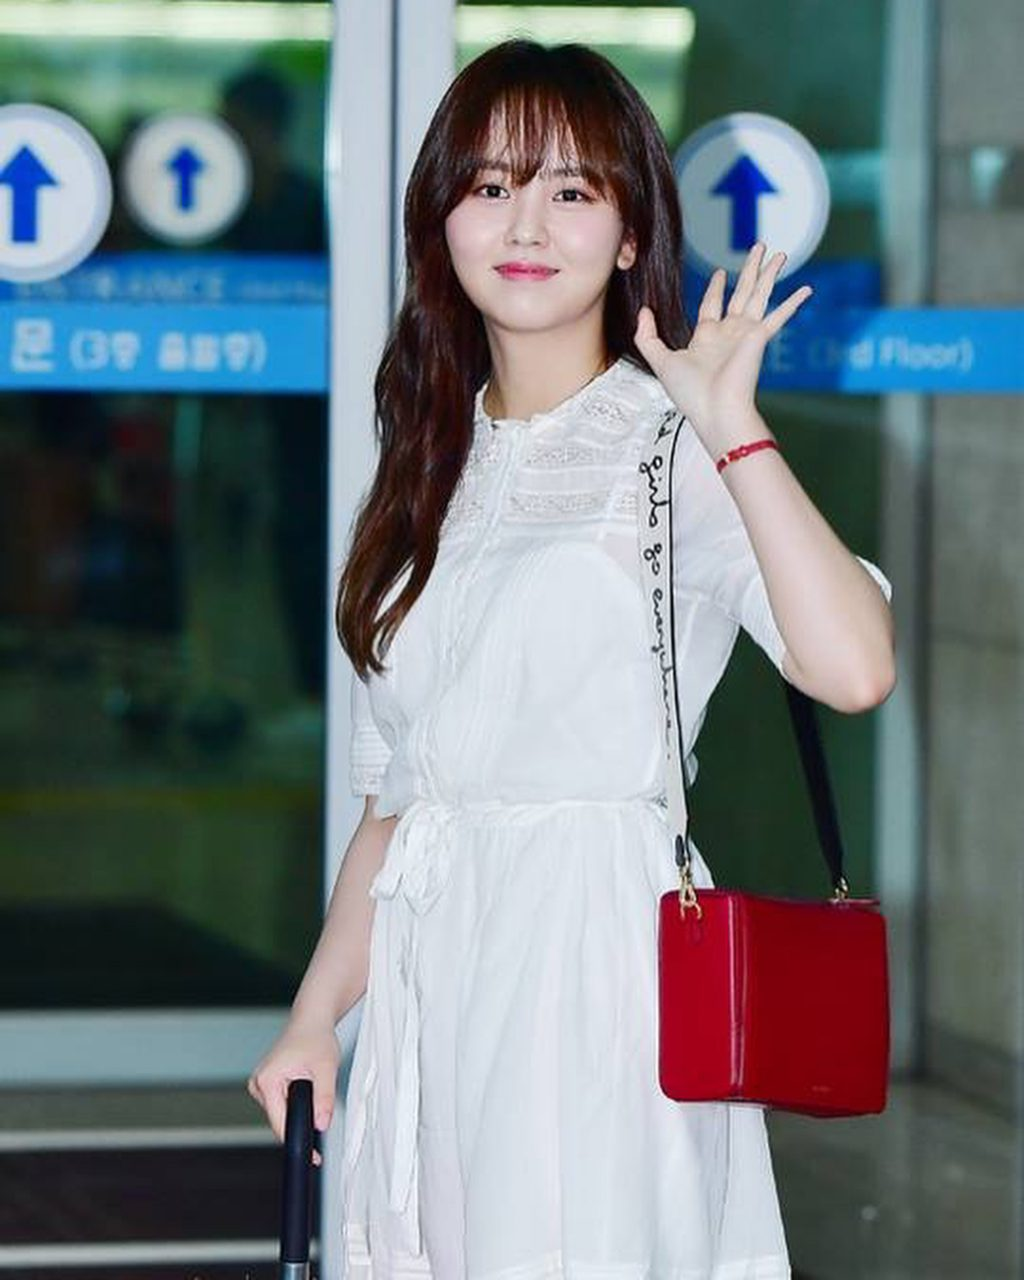 phong cách thời trang của Kim So Hyun 111